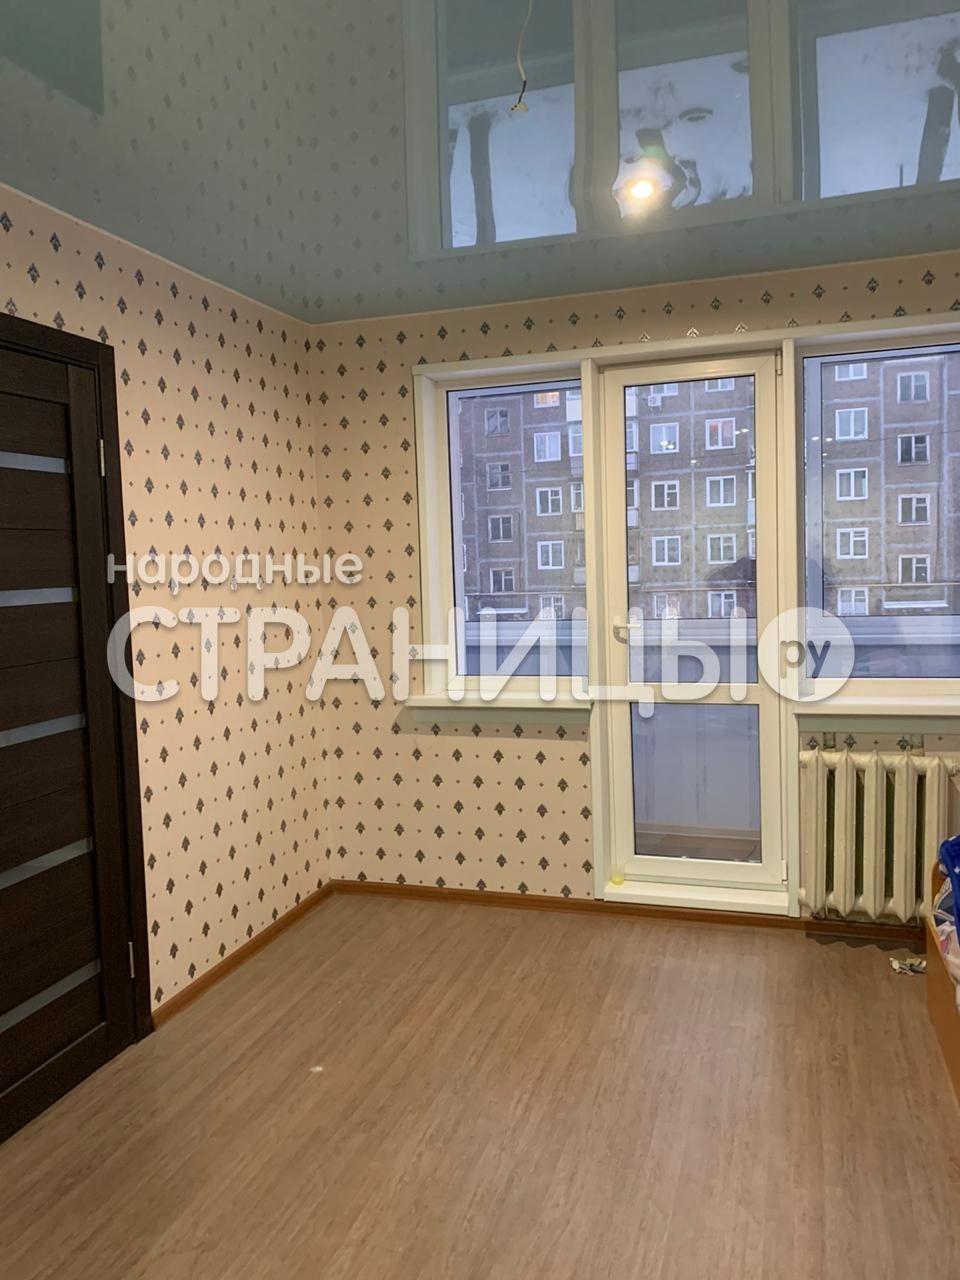 2-комнатная квартира, 44.2 м²,  2/5 эт. Панельный дом, Вторичное жилье